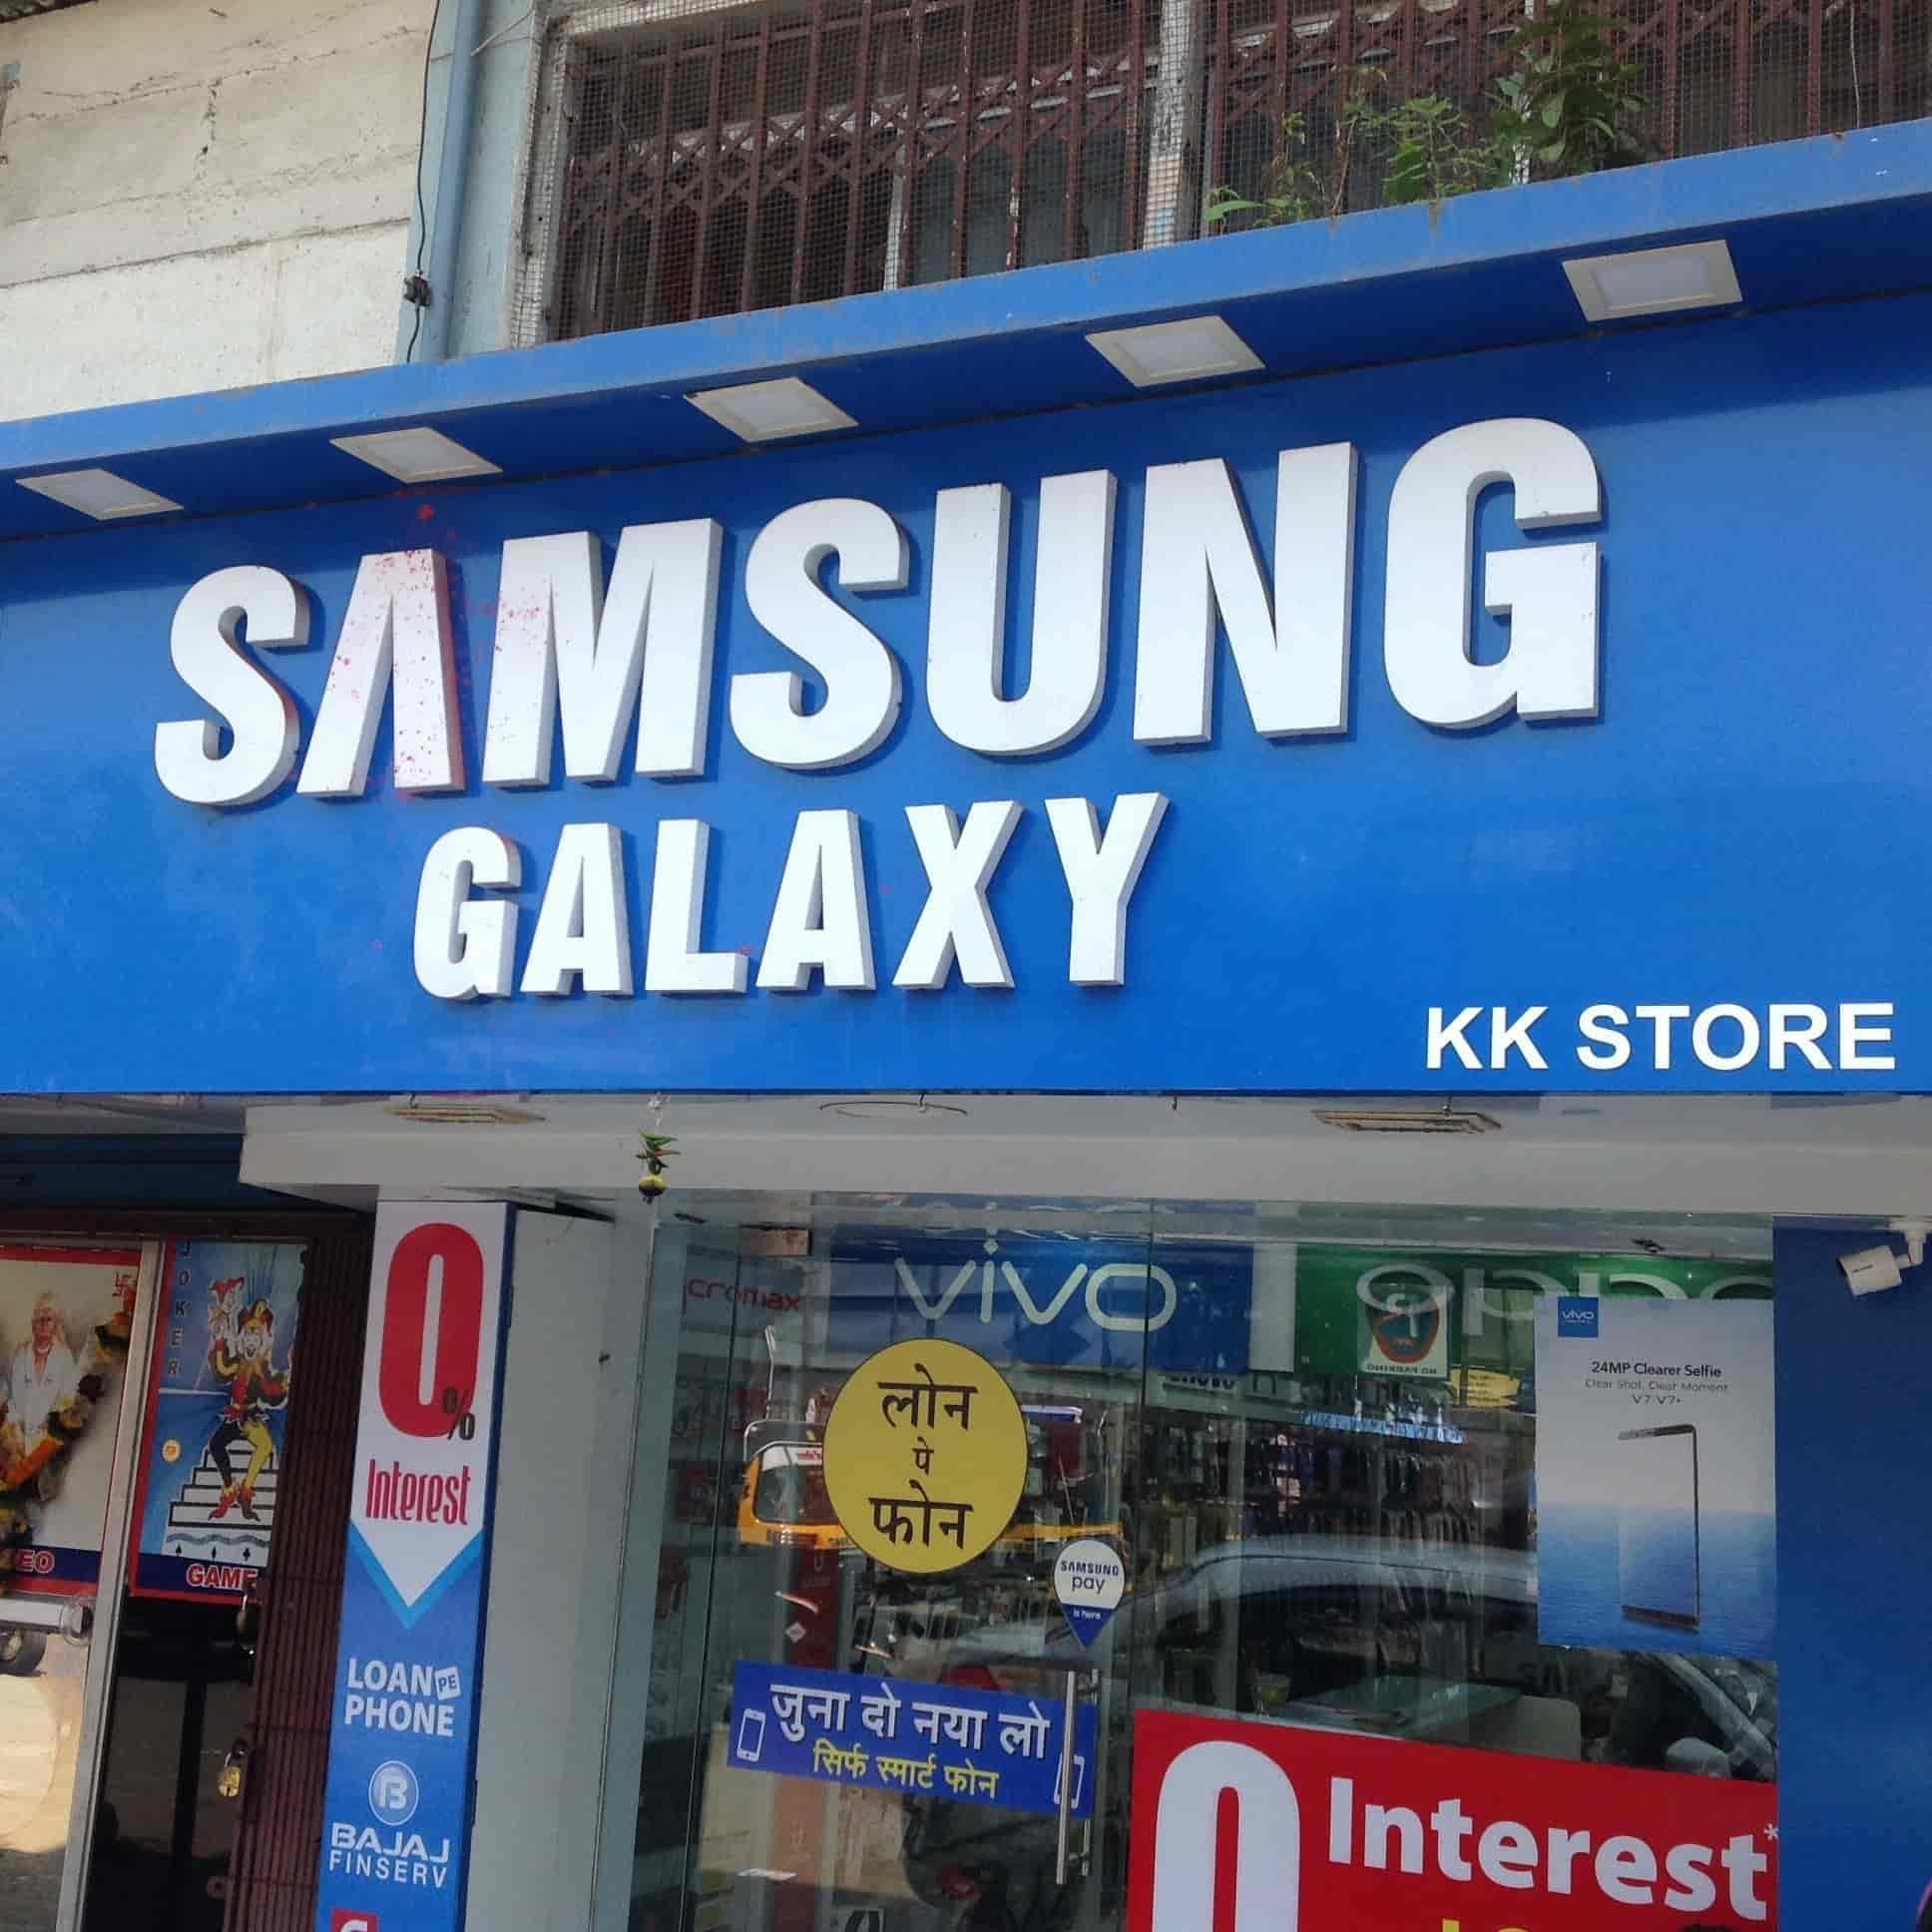 Kk Store, Bhayandar East - Mobile Phone Repair & Services in